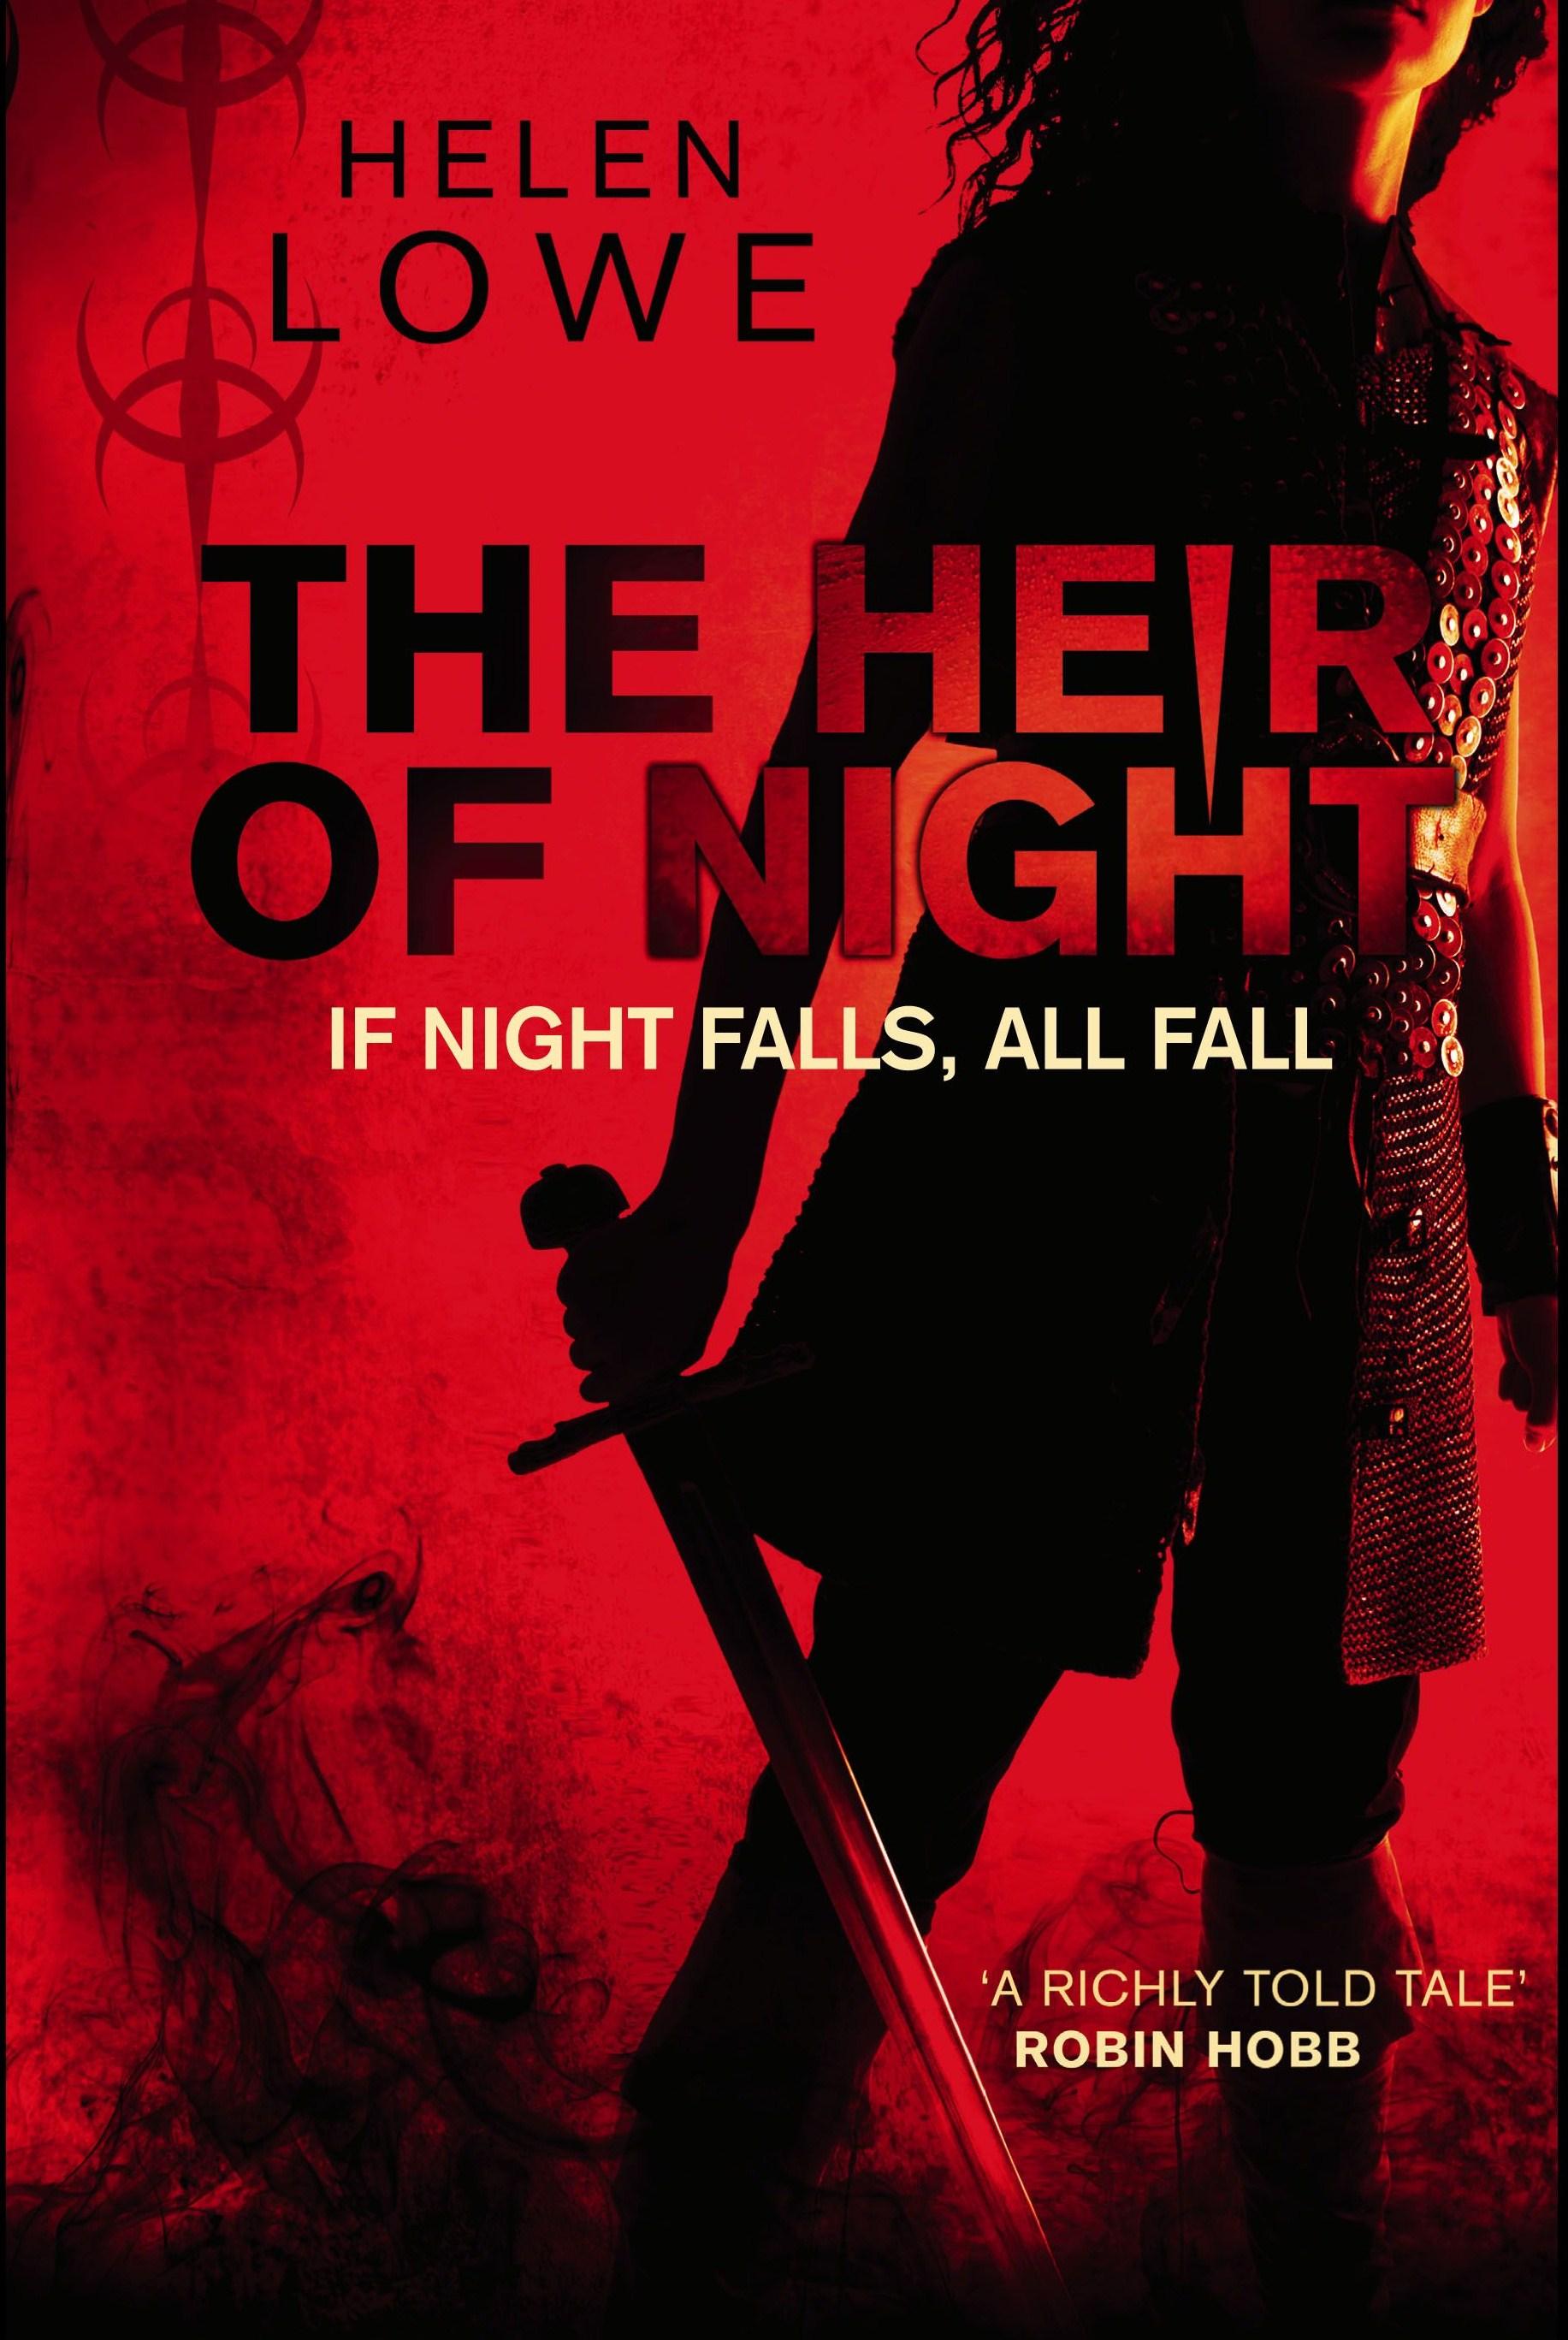 HeirOfNight_no foil.indd